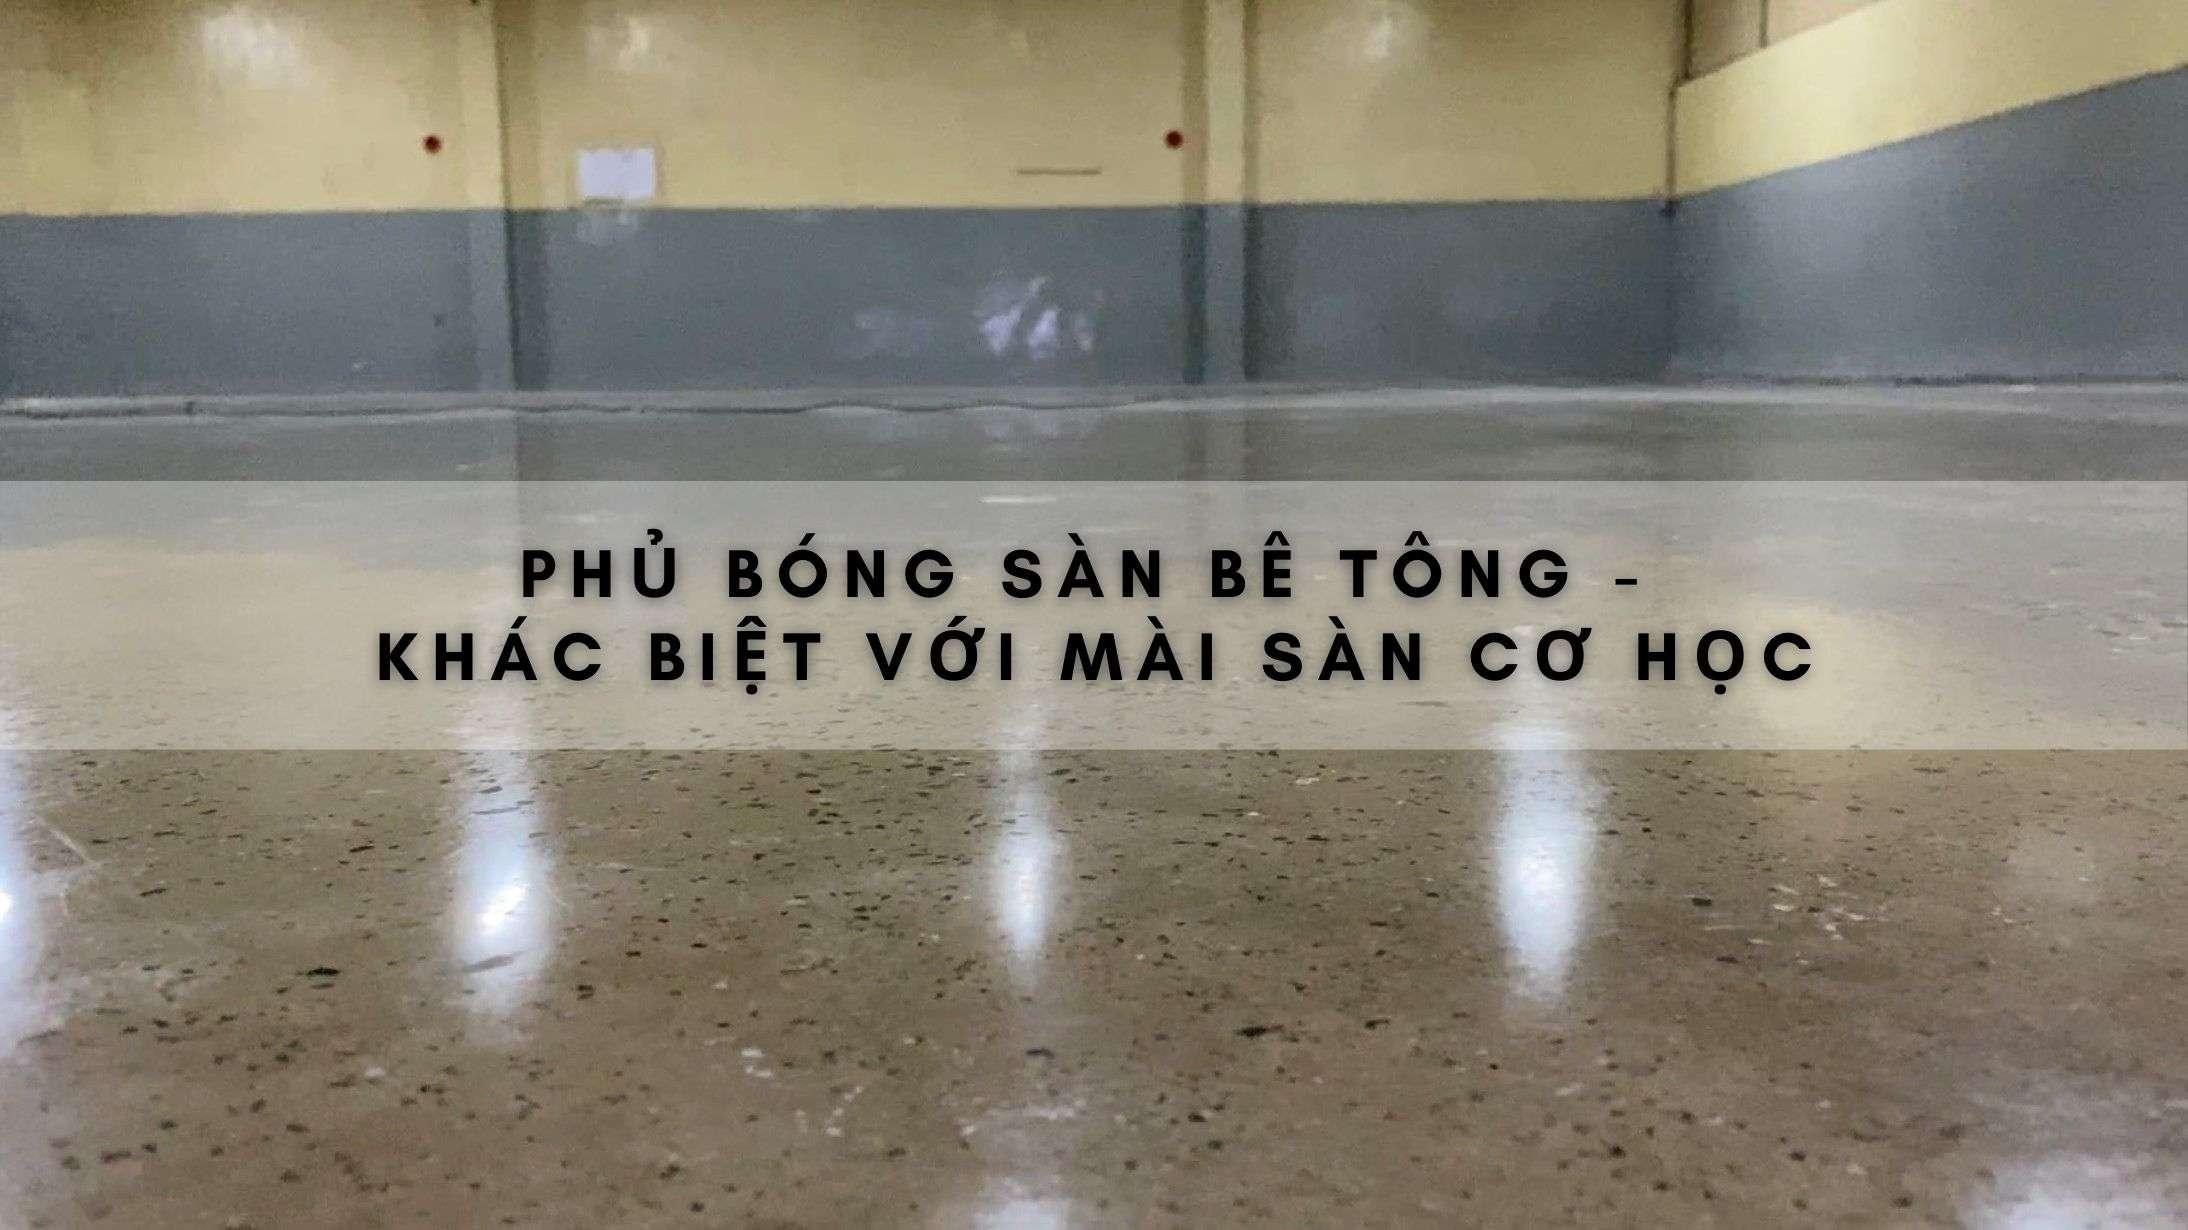 phu-bong-san-be-tong-hoa-hoc